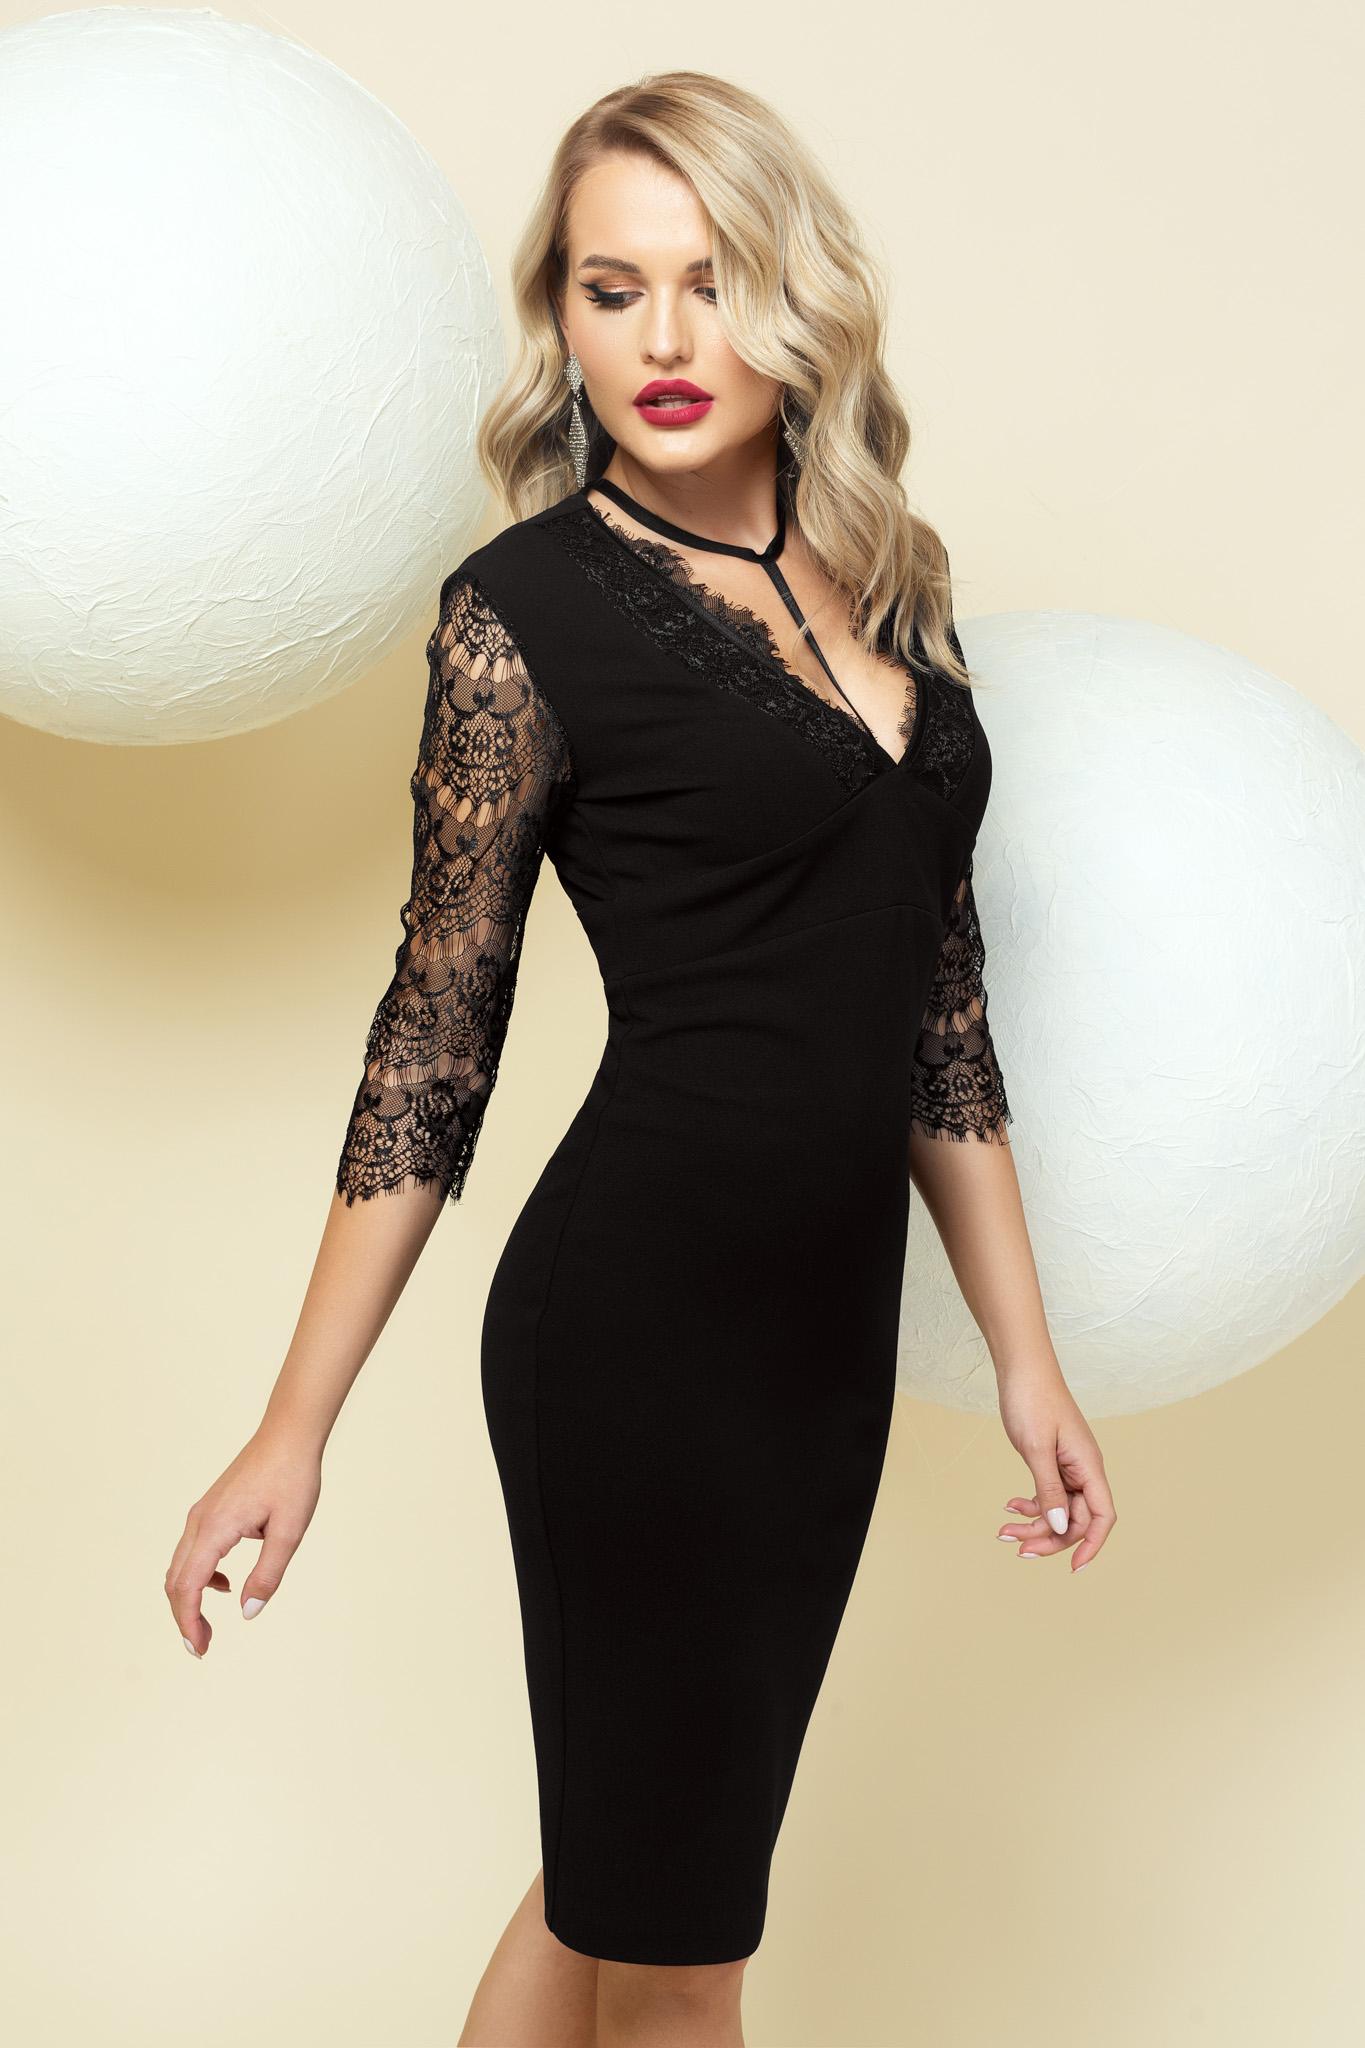 Fekete szűk szabású alkalmi midi ruha csipke díszítéssel